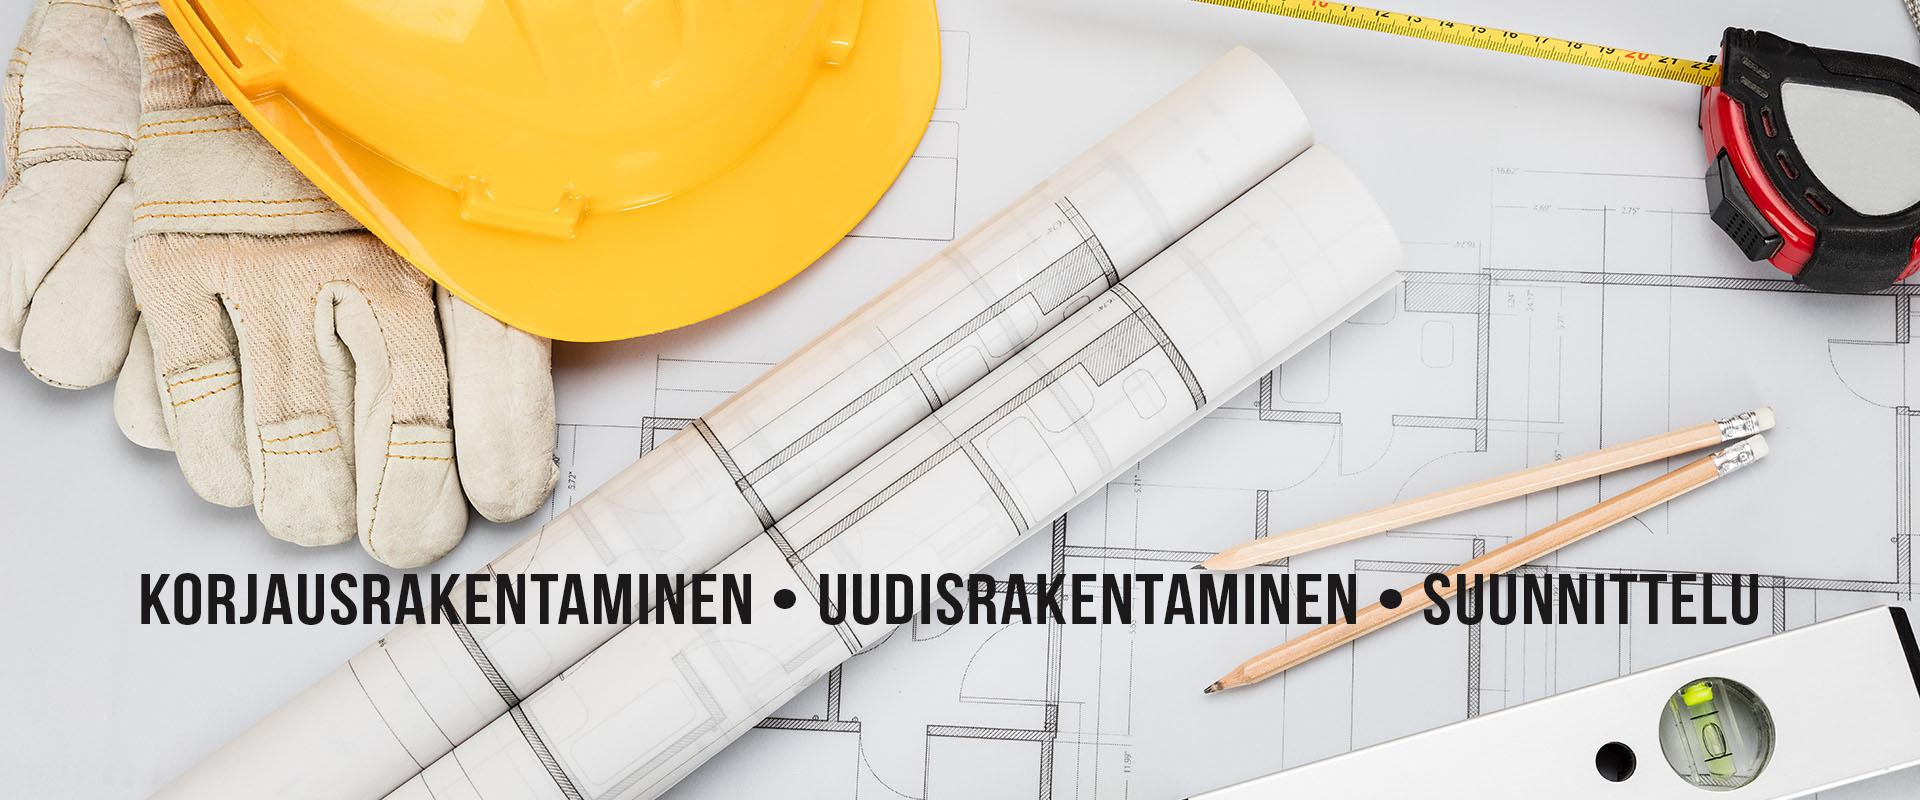 Korjausrakentaminen - Remontit - Uudisrakentaminen - Suunnittelupalvelut